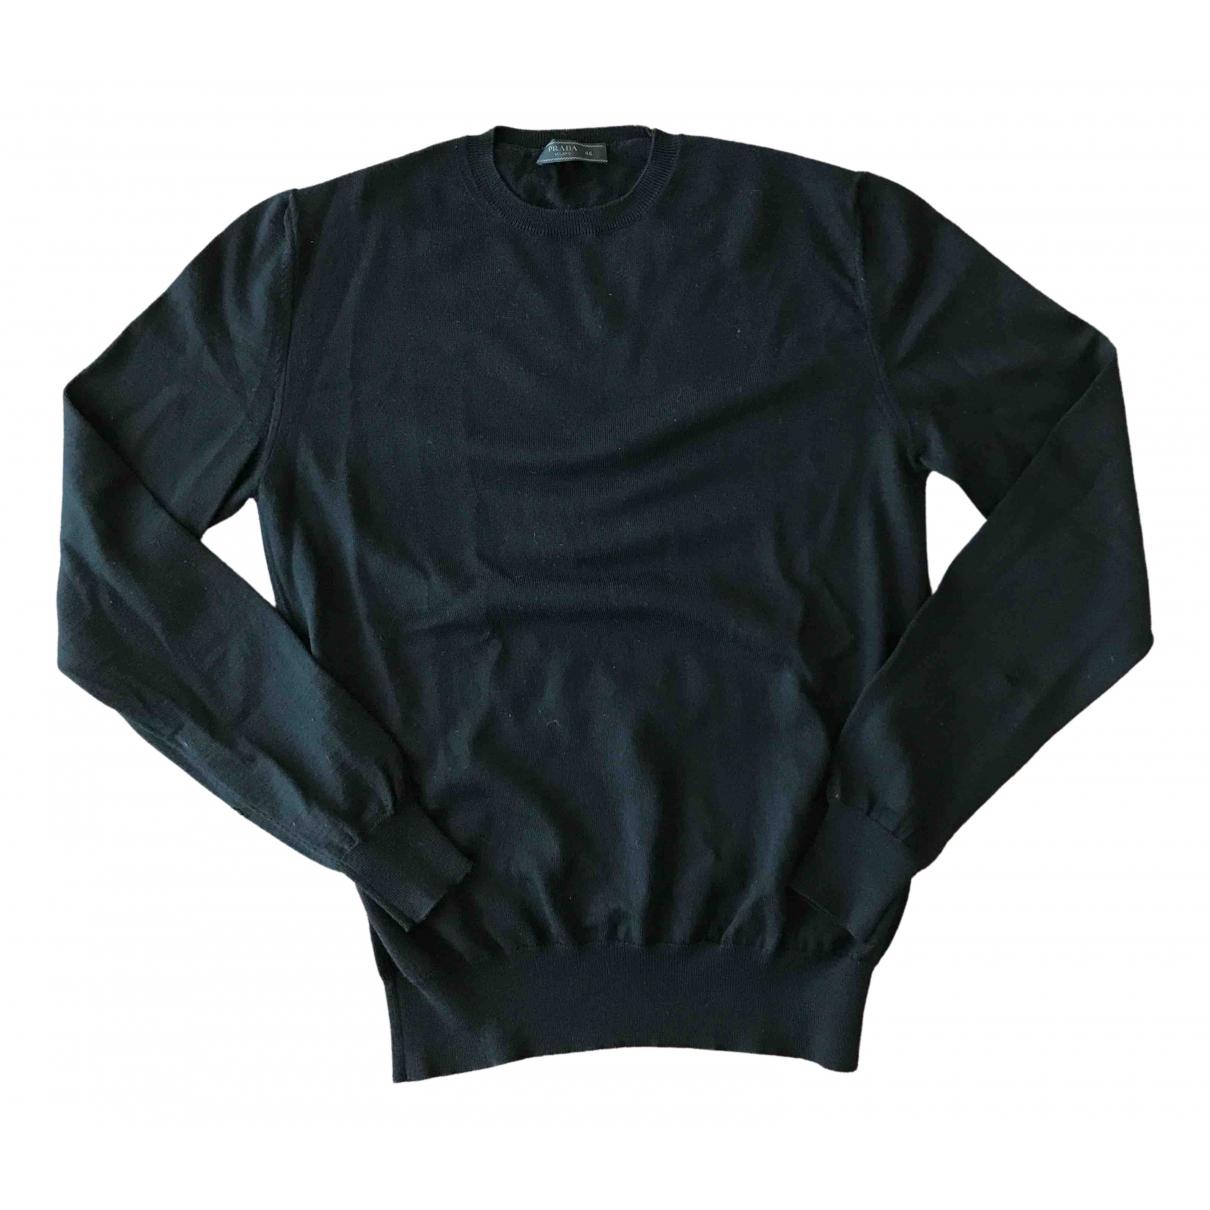 Prada - Pulls.Gilets.Sweats   pour homme en laine - noir